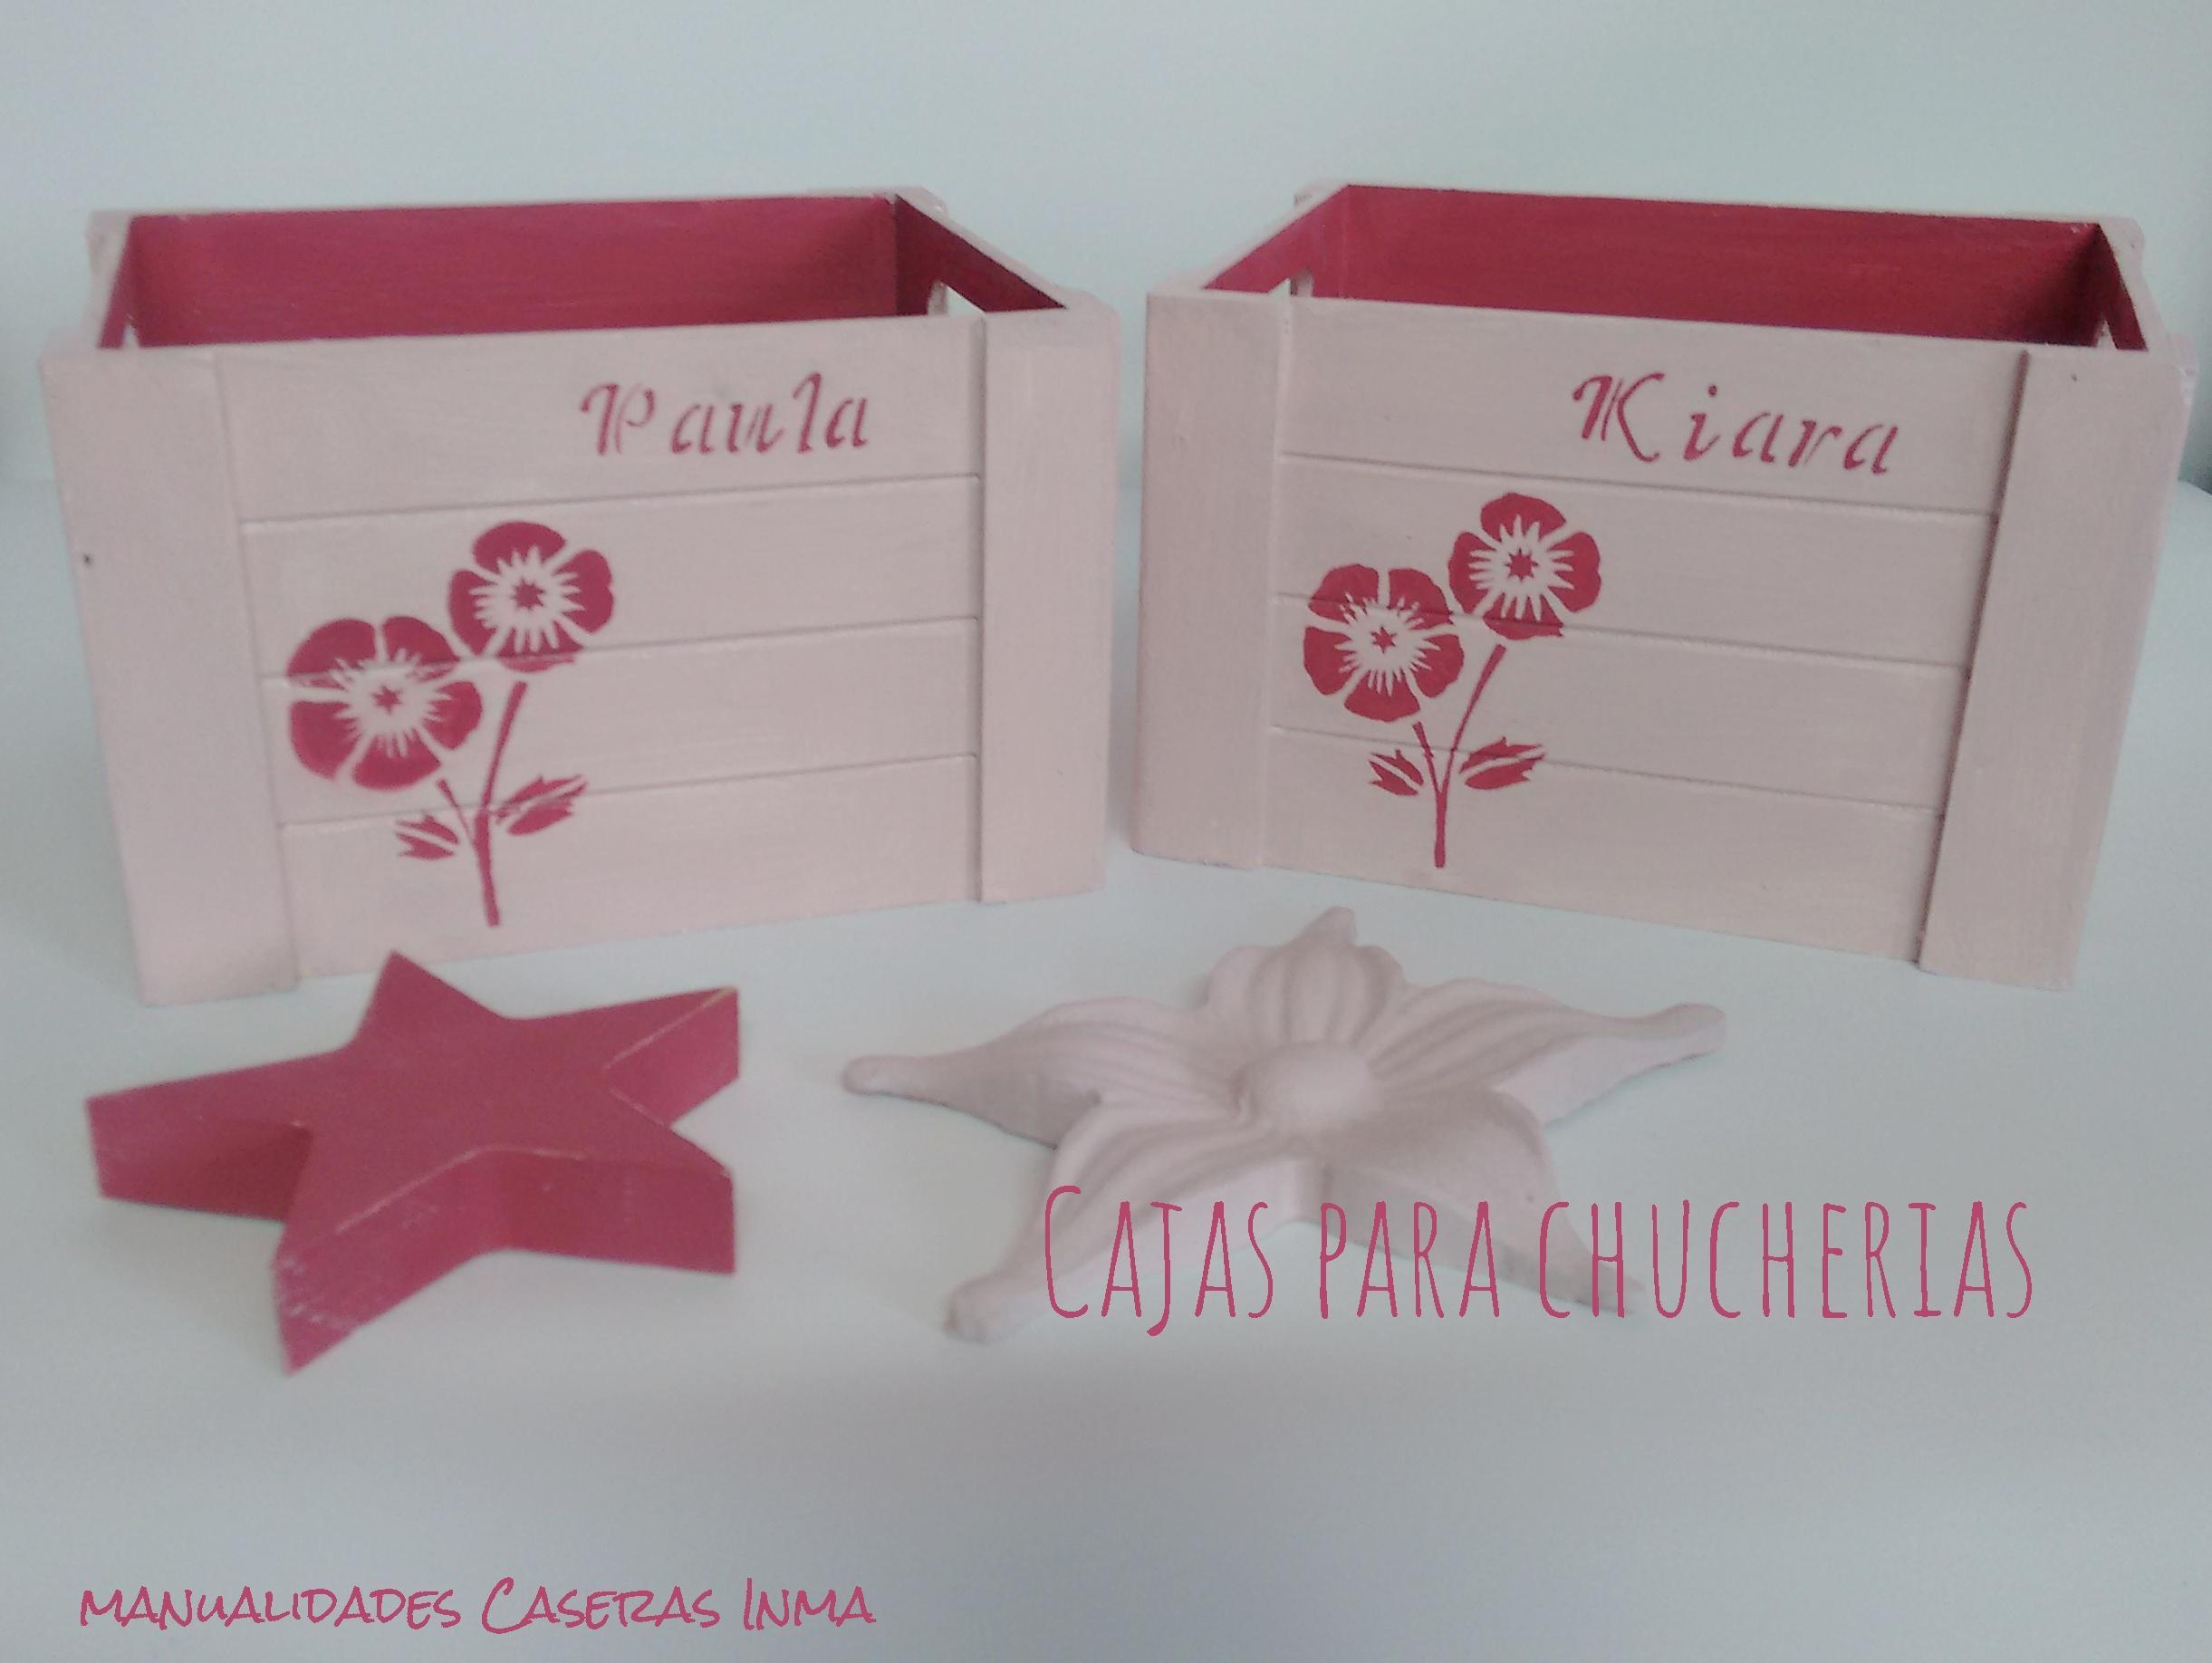 Manualidades Caseras Inma_ cajas chuches y regalos